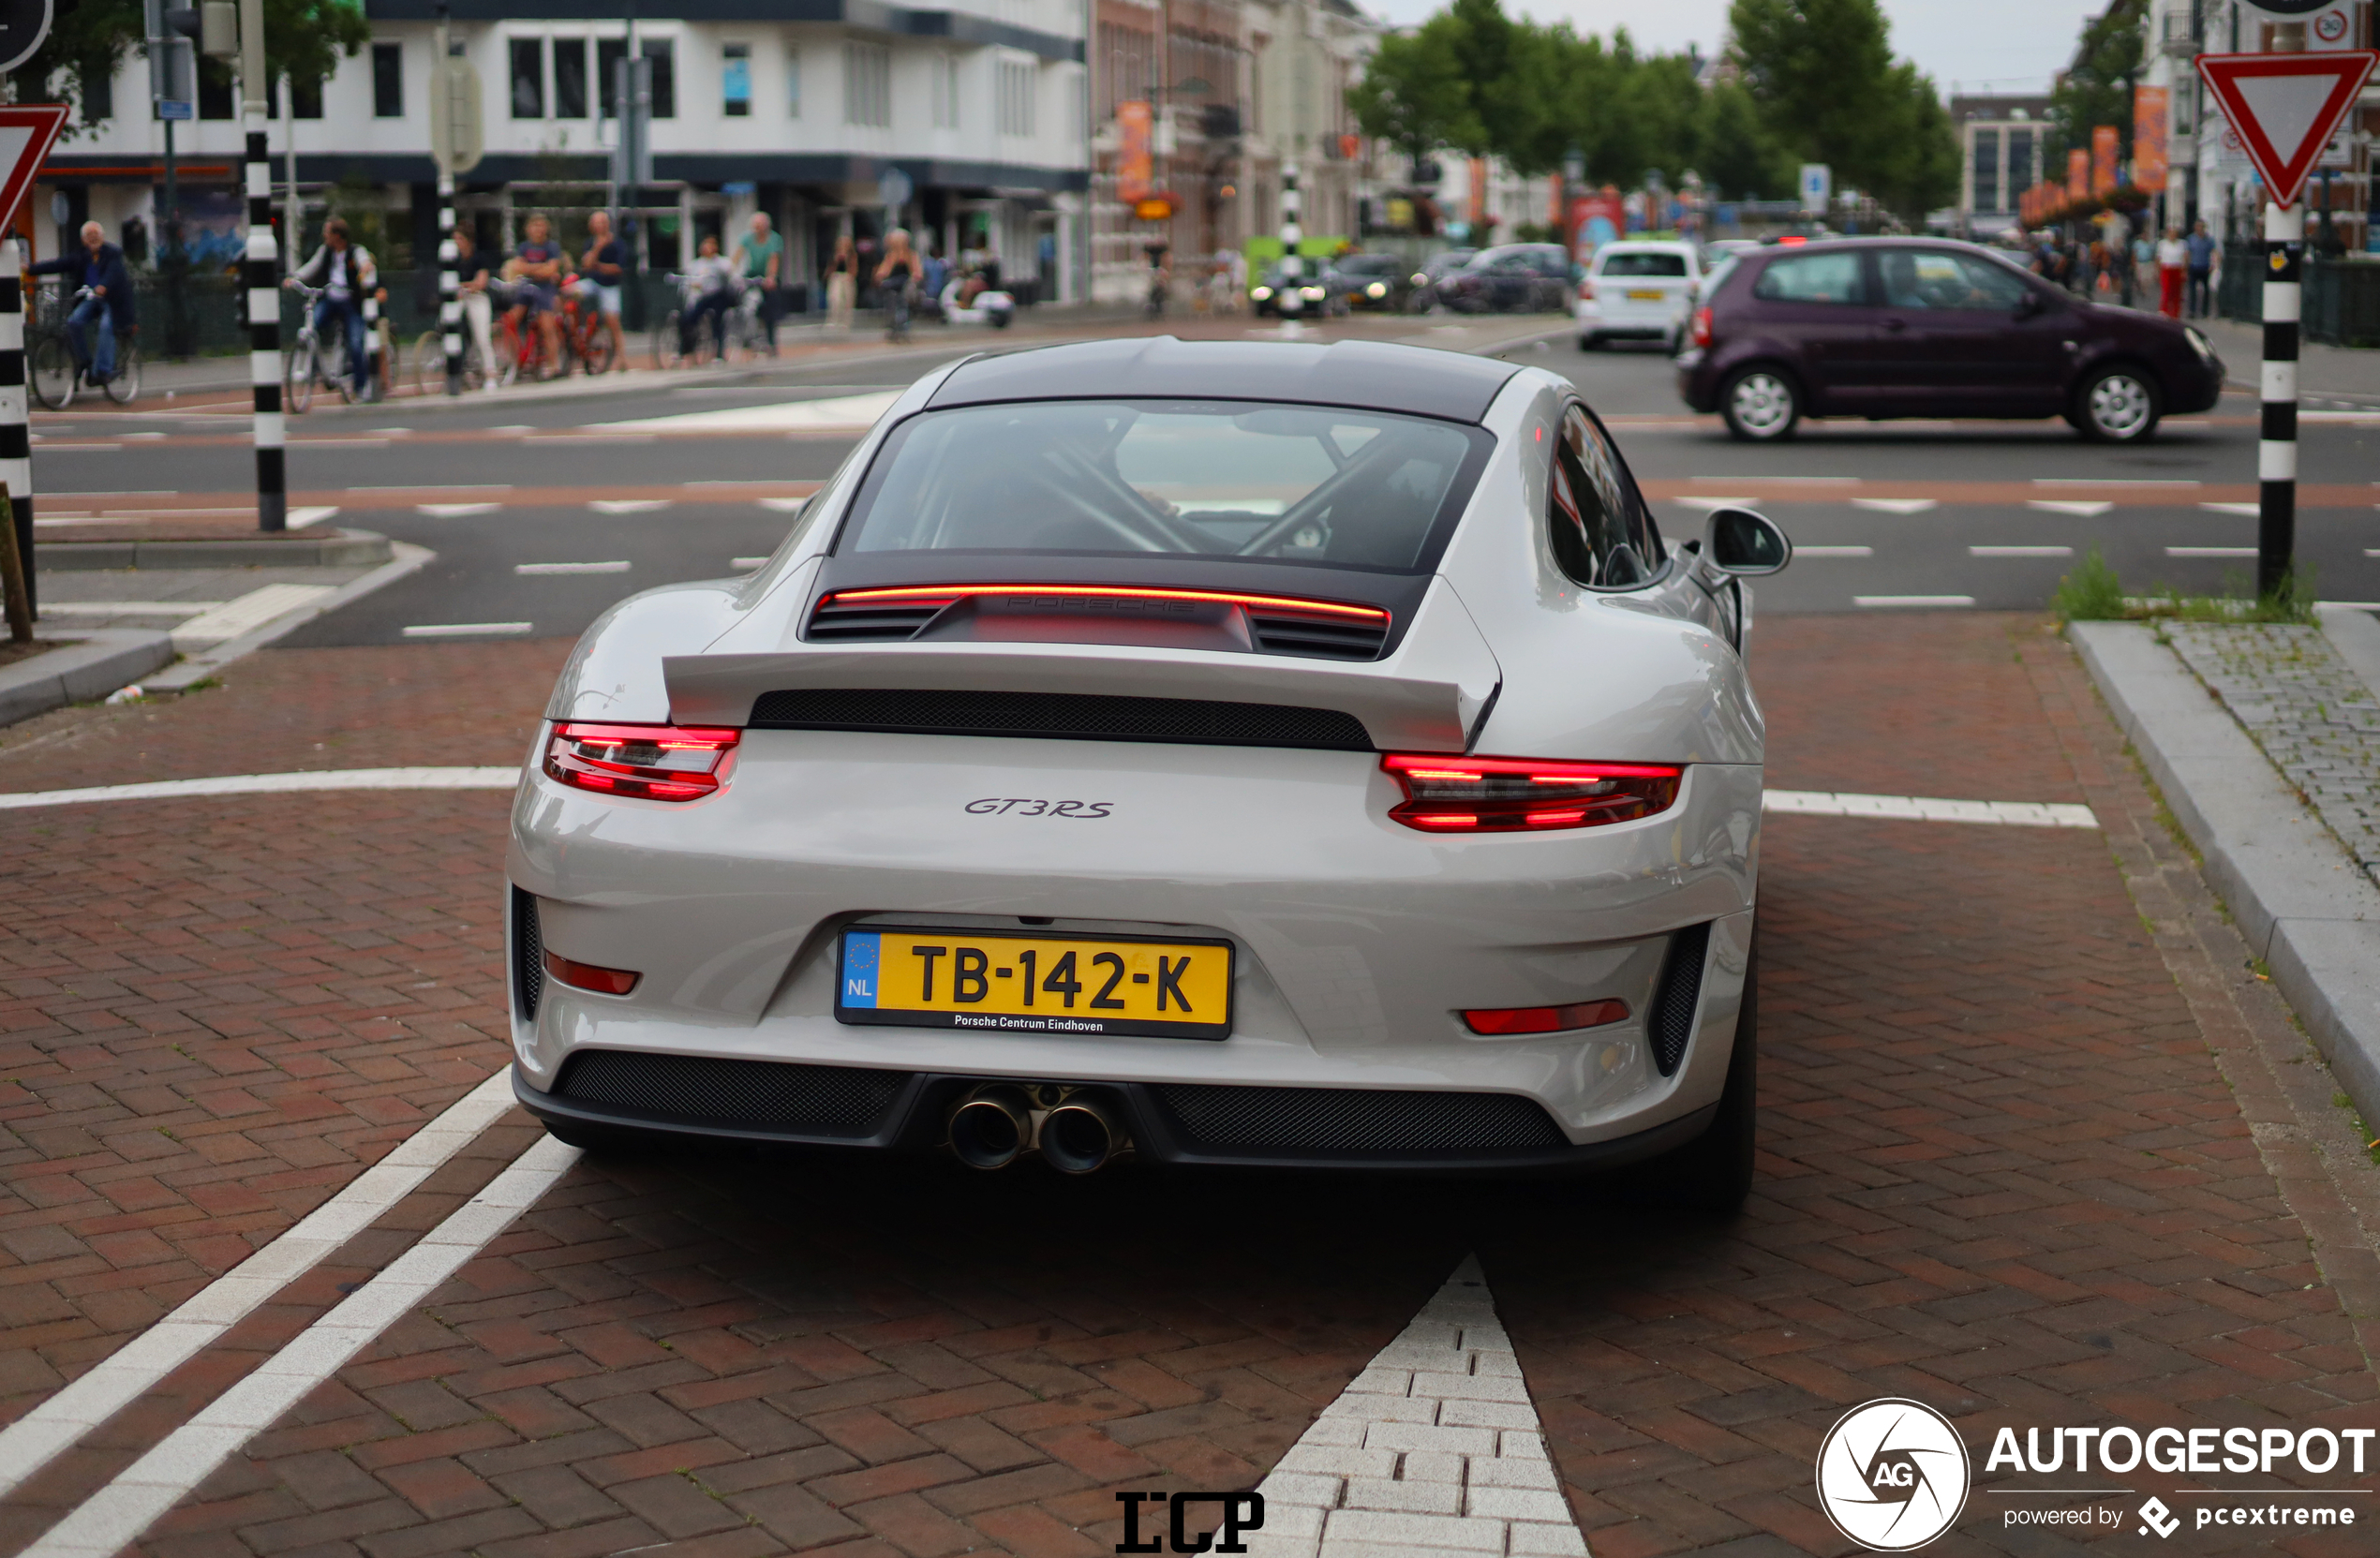 Blijft apart een Porsche 991 GT3 RS zonder spoiler